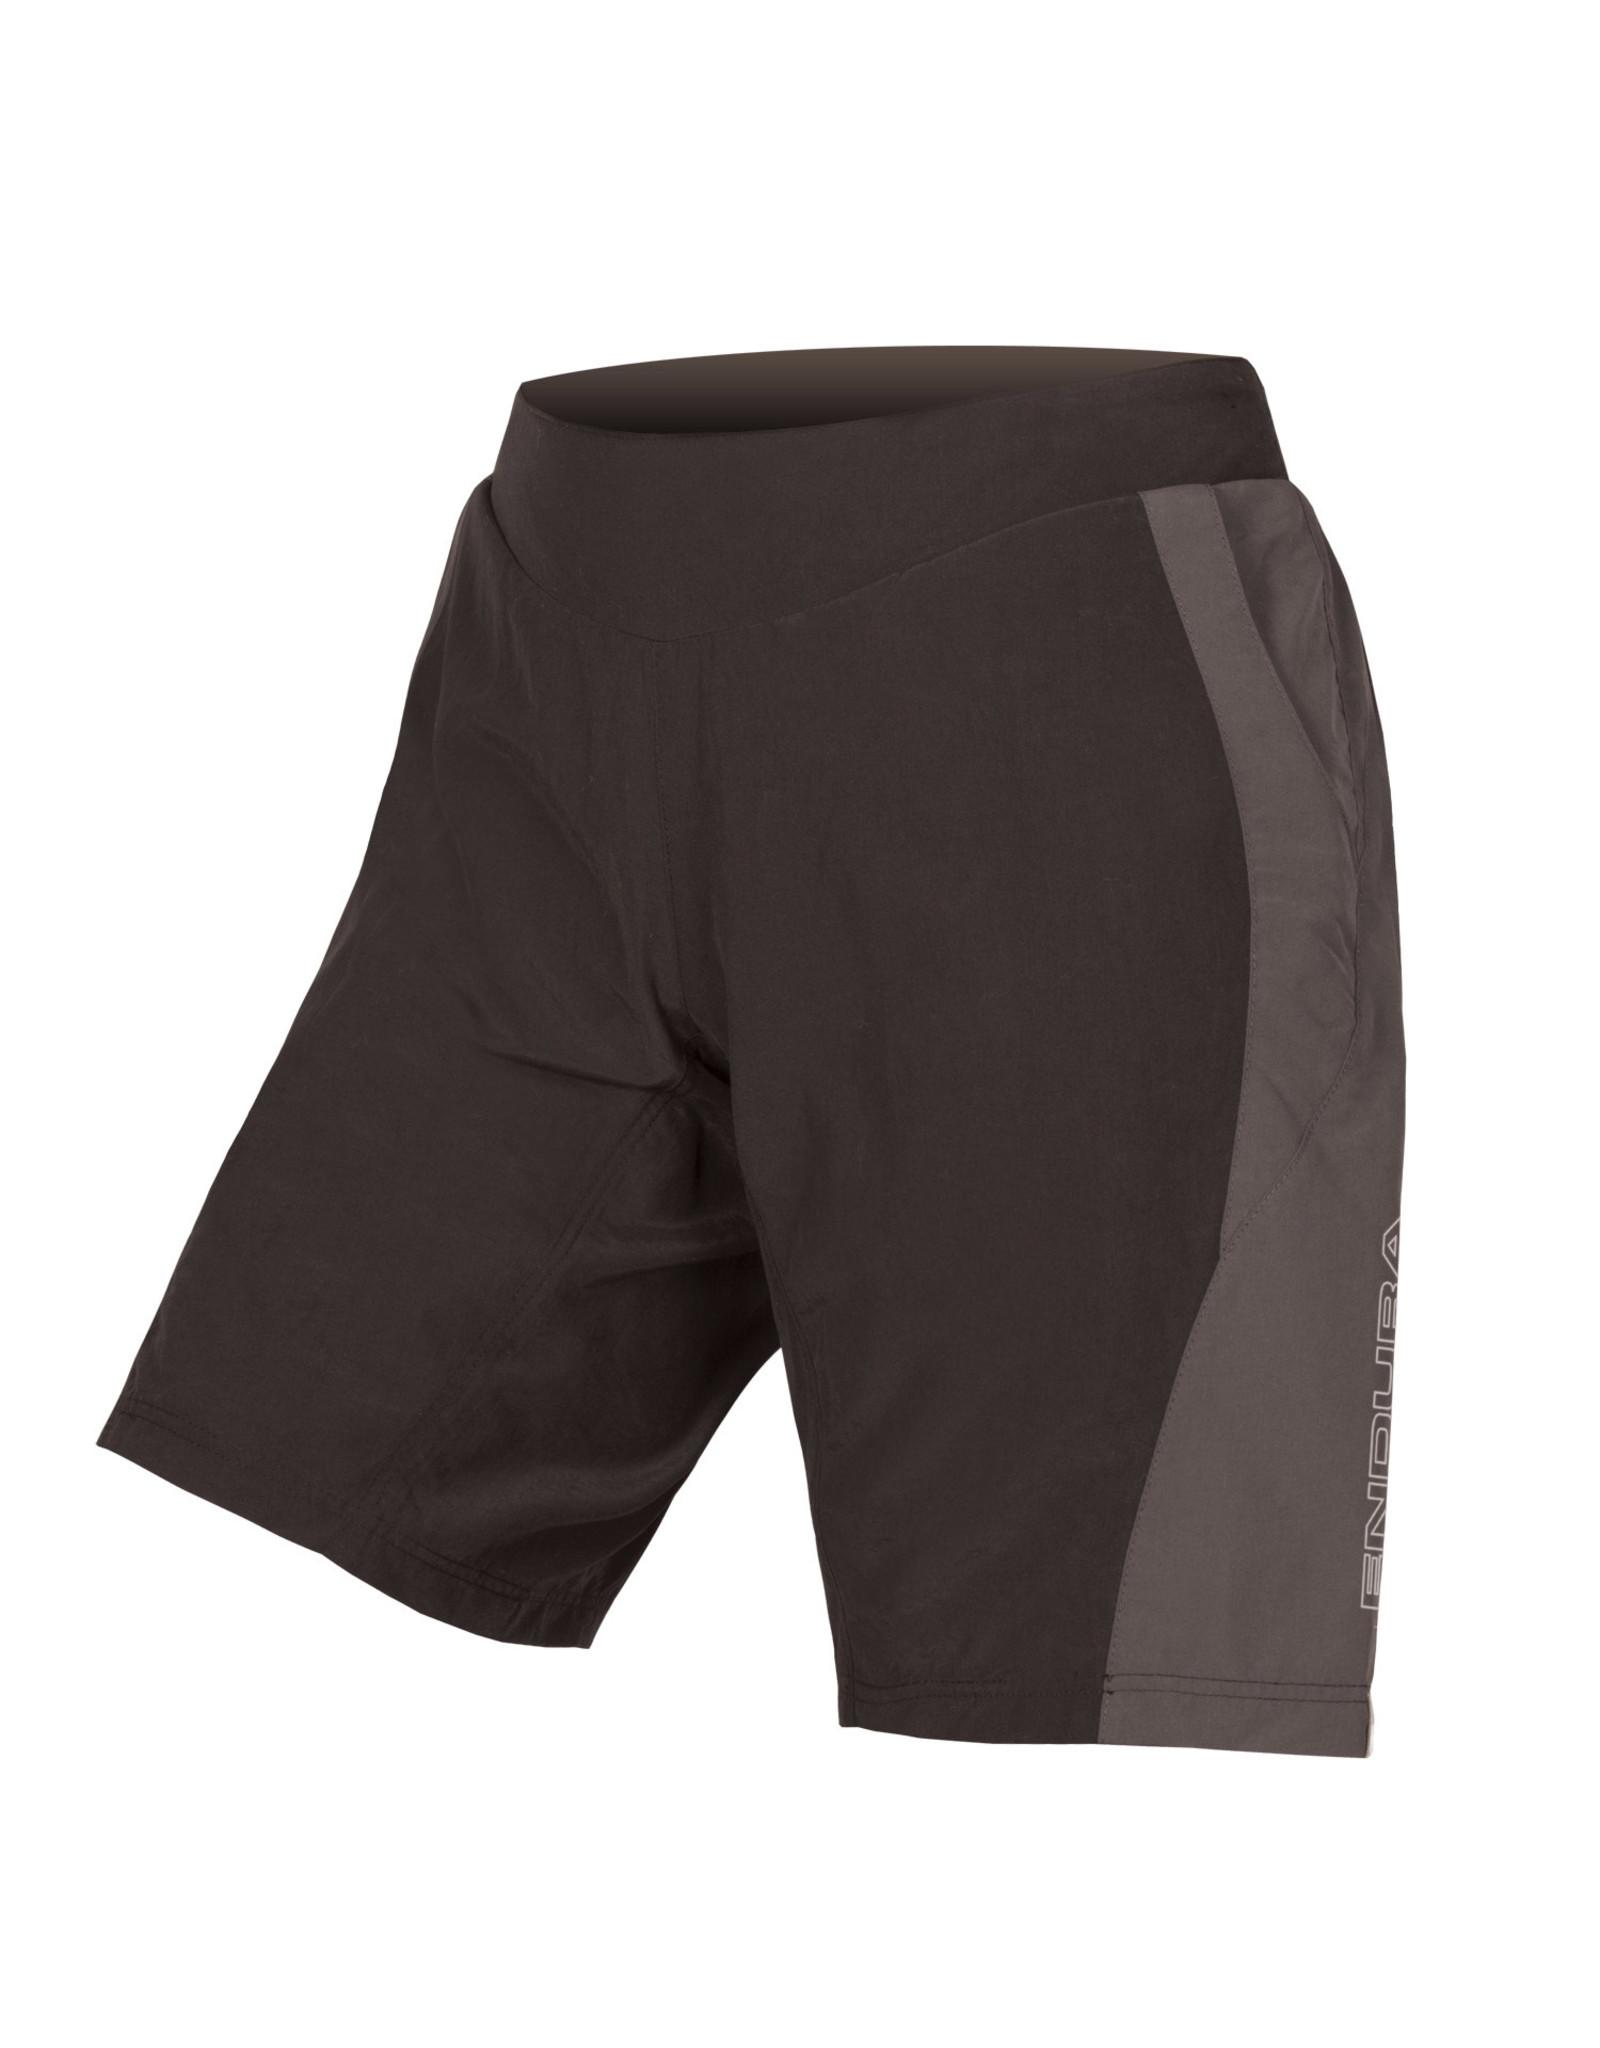 Endura Women's Endura Pulse Short w/ Padded Liner Black